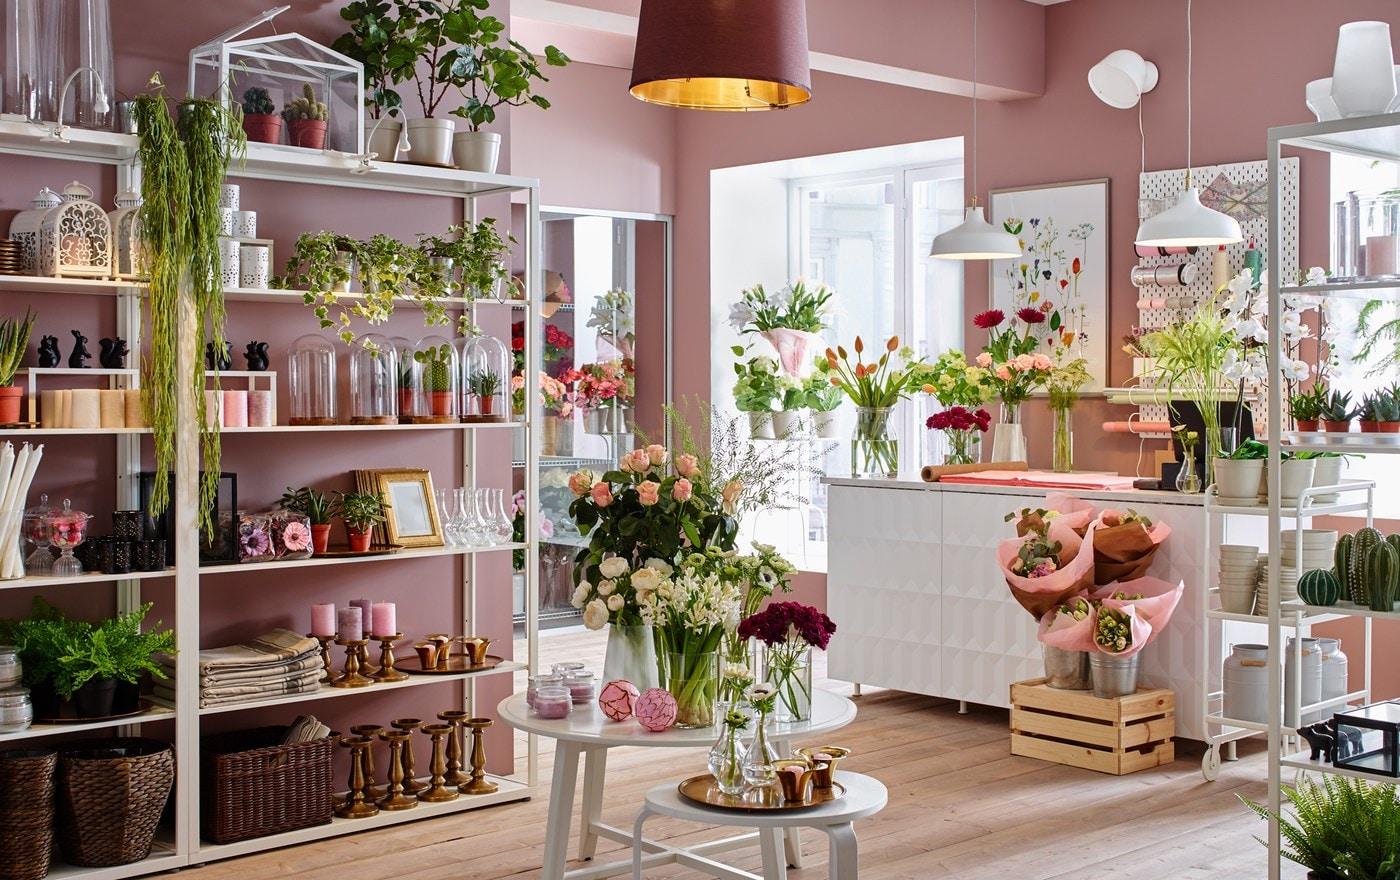 Kvetinárstvo s ružovými stenami a bielymi nástennými policovými dielmi IKEA FJÄLKINGE s vystavenými kvetmi a vázami.